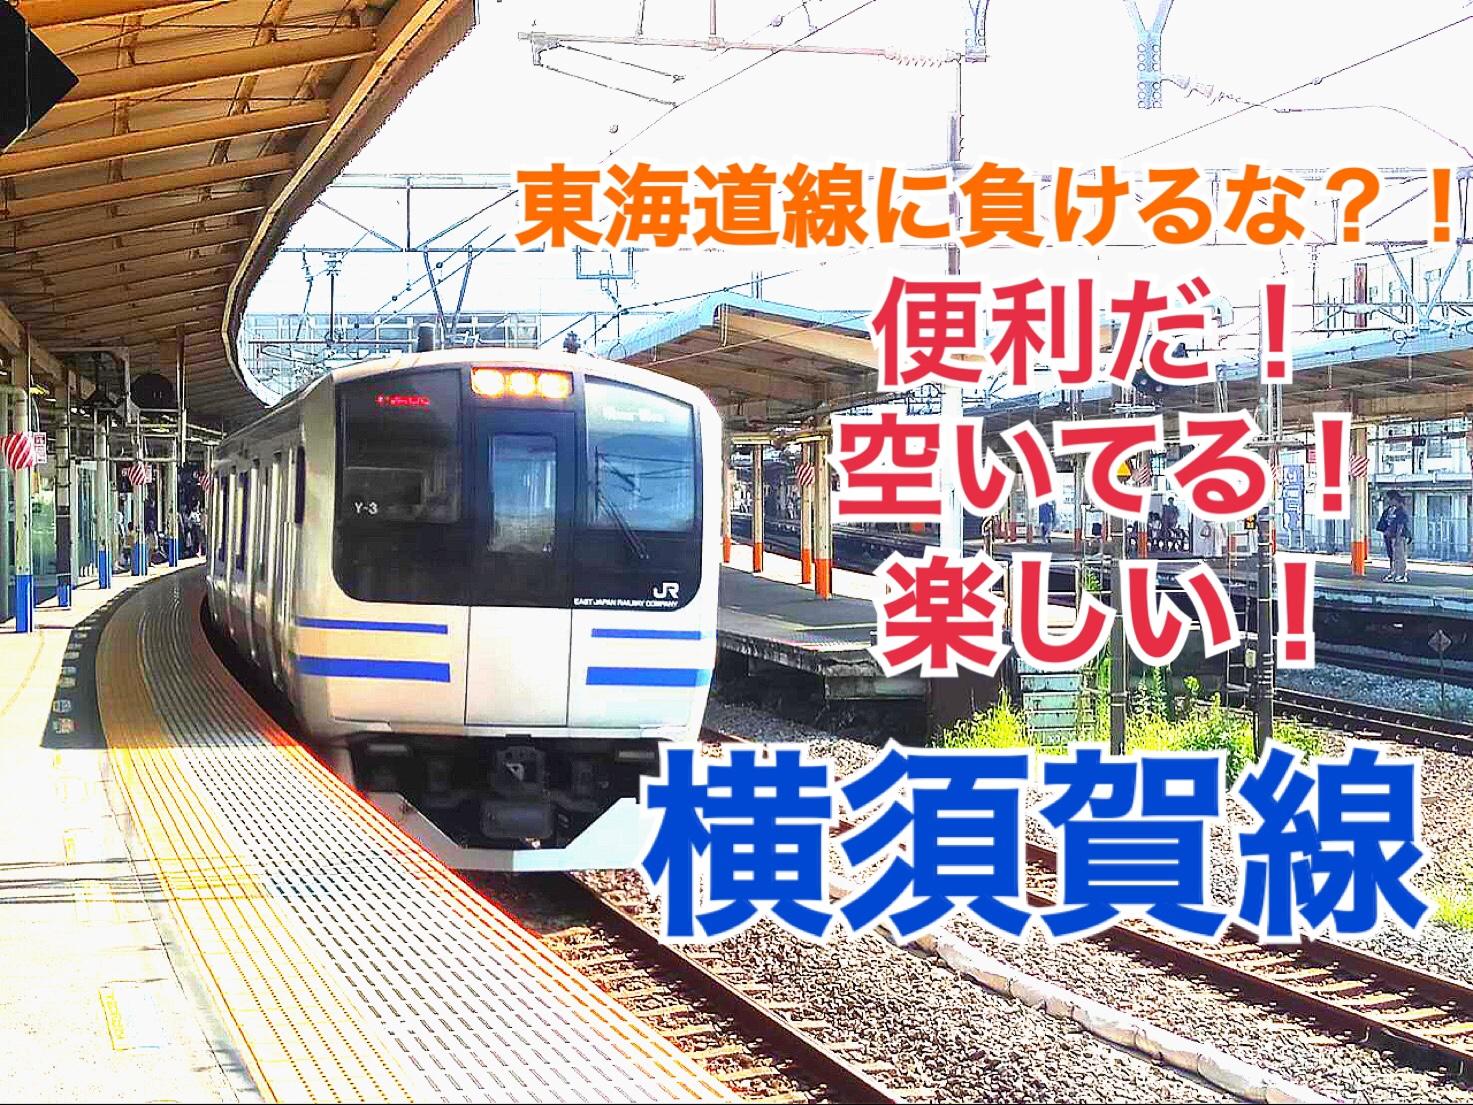 【横須賀線】東海道線と競争!横須賀線の良さは何?【東京西部201908】